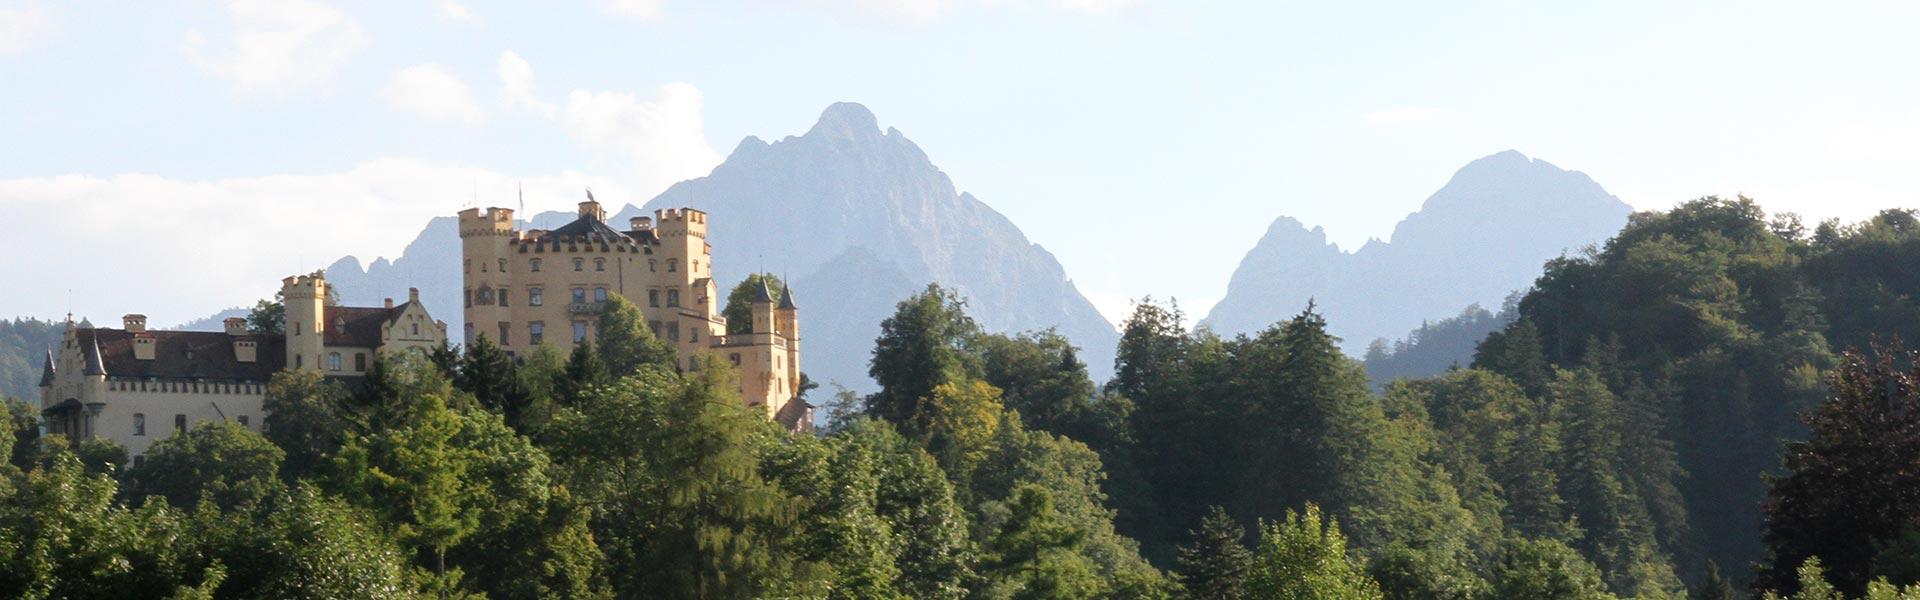 Activities around Neuschwanstein Castle in Hohenschwangau